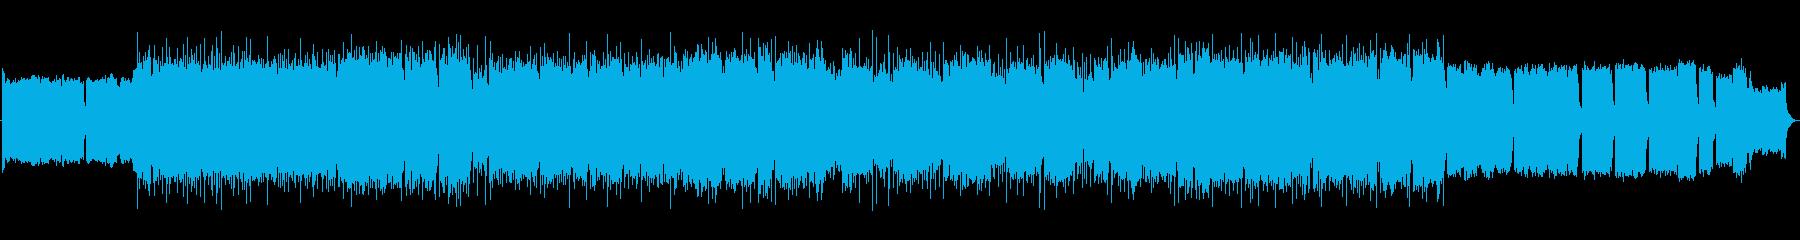 ビーチボーイズ風コーラスのサーフロックの再生済みの波形